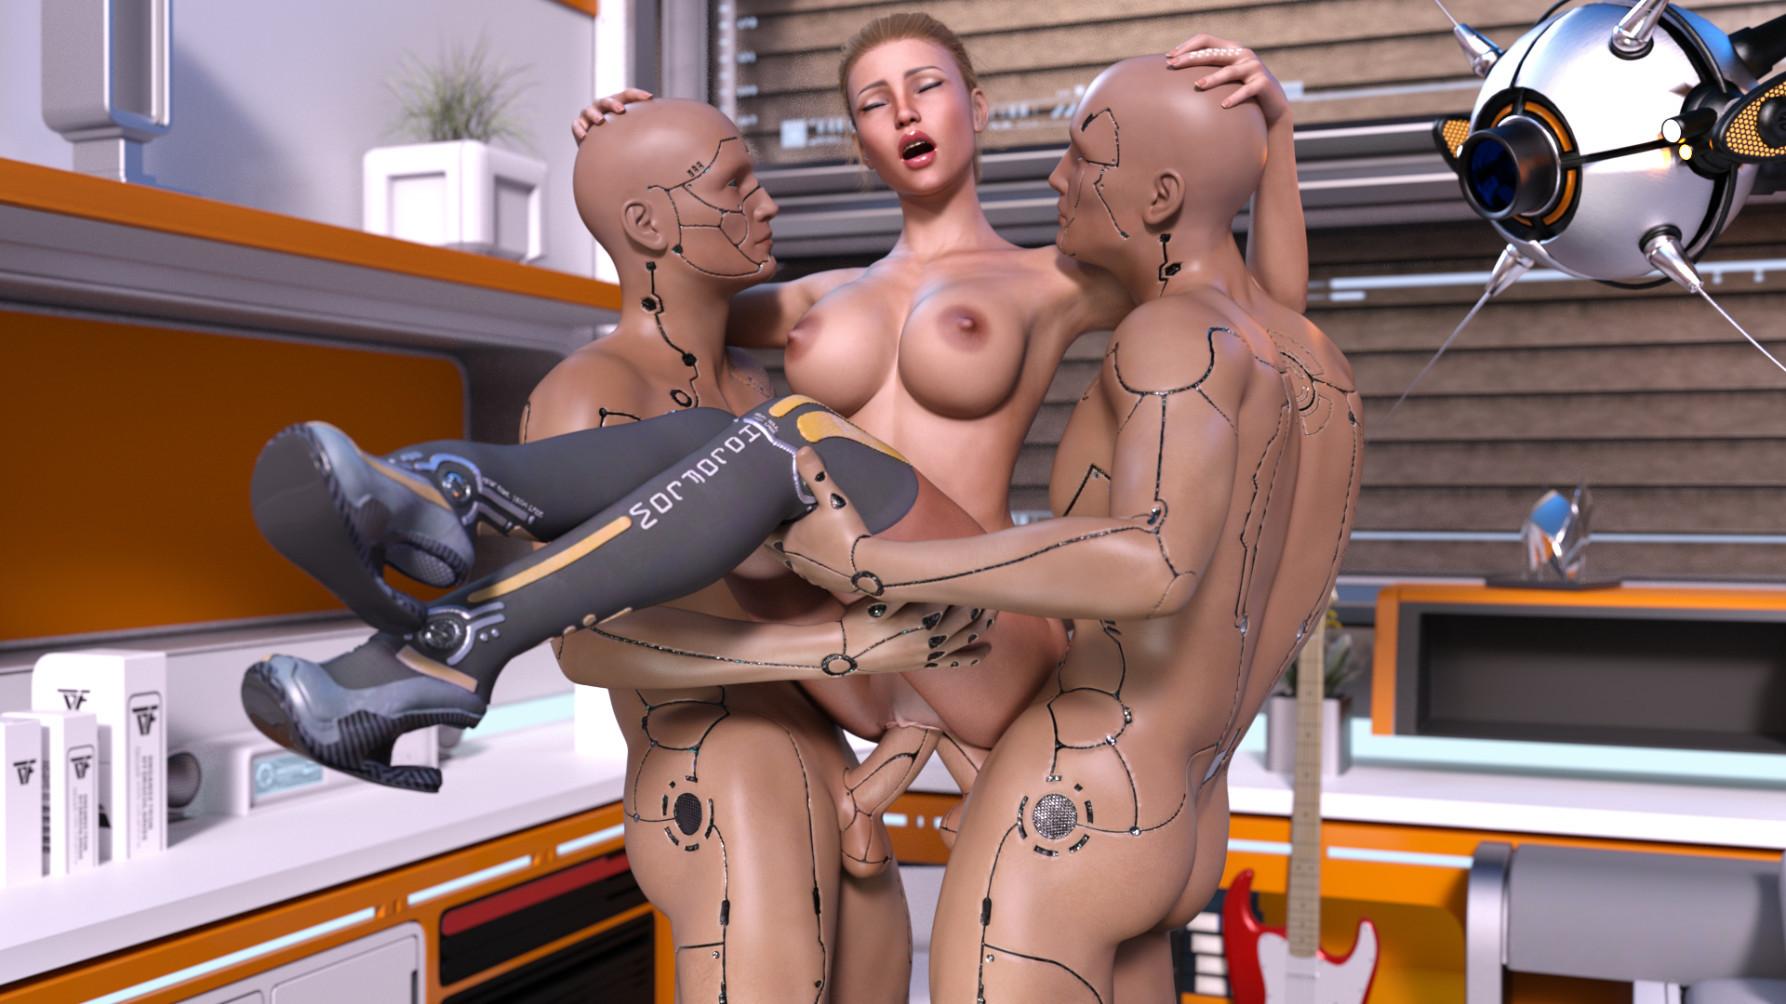 s-robotami-porno-nayseksualniysha-pudborka-nastoyashogo-orgazmu-do-kayfu